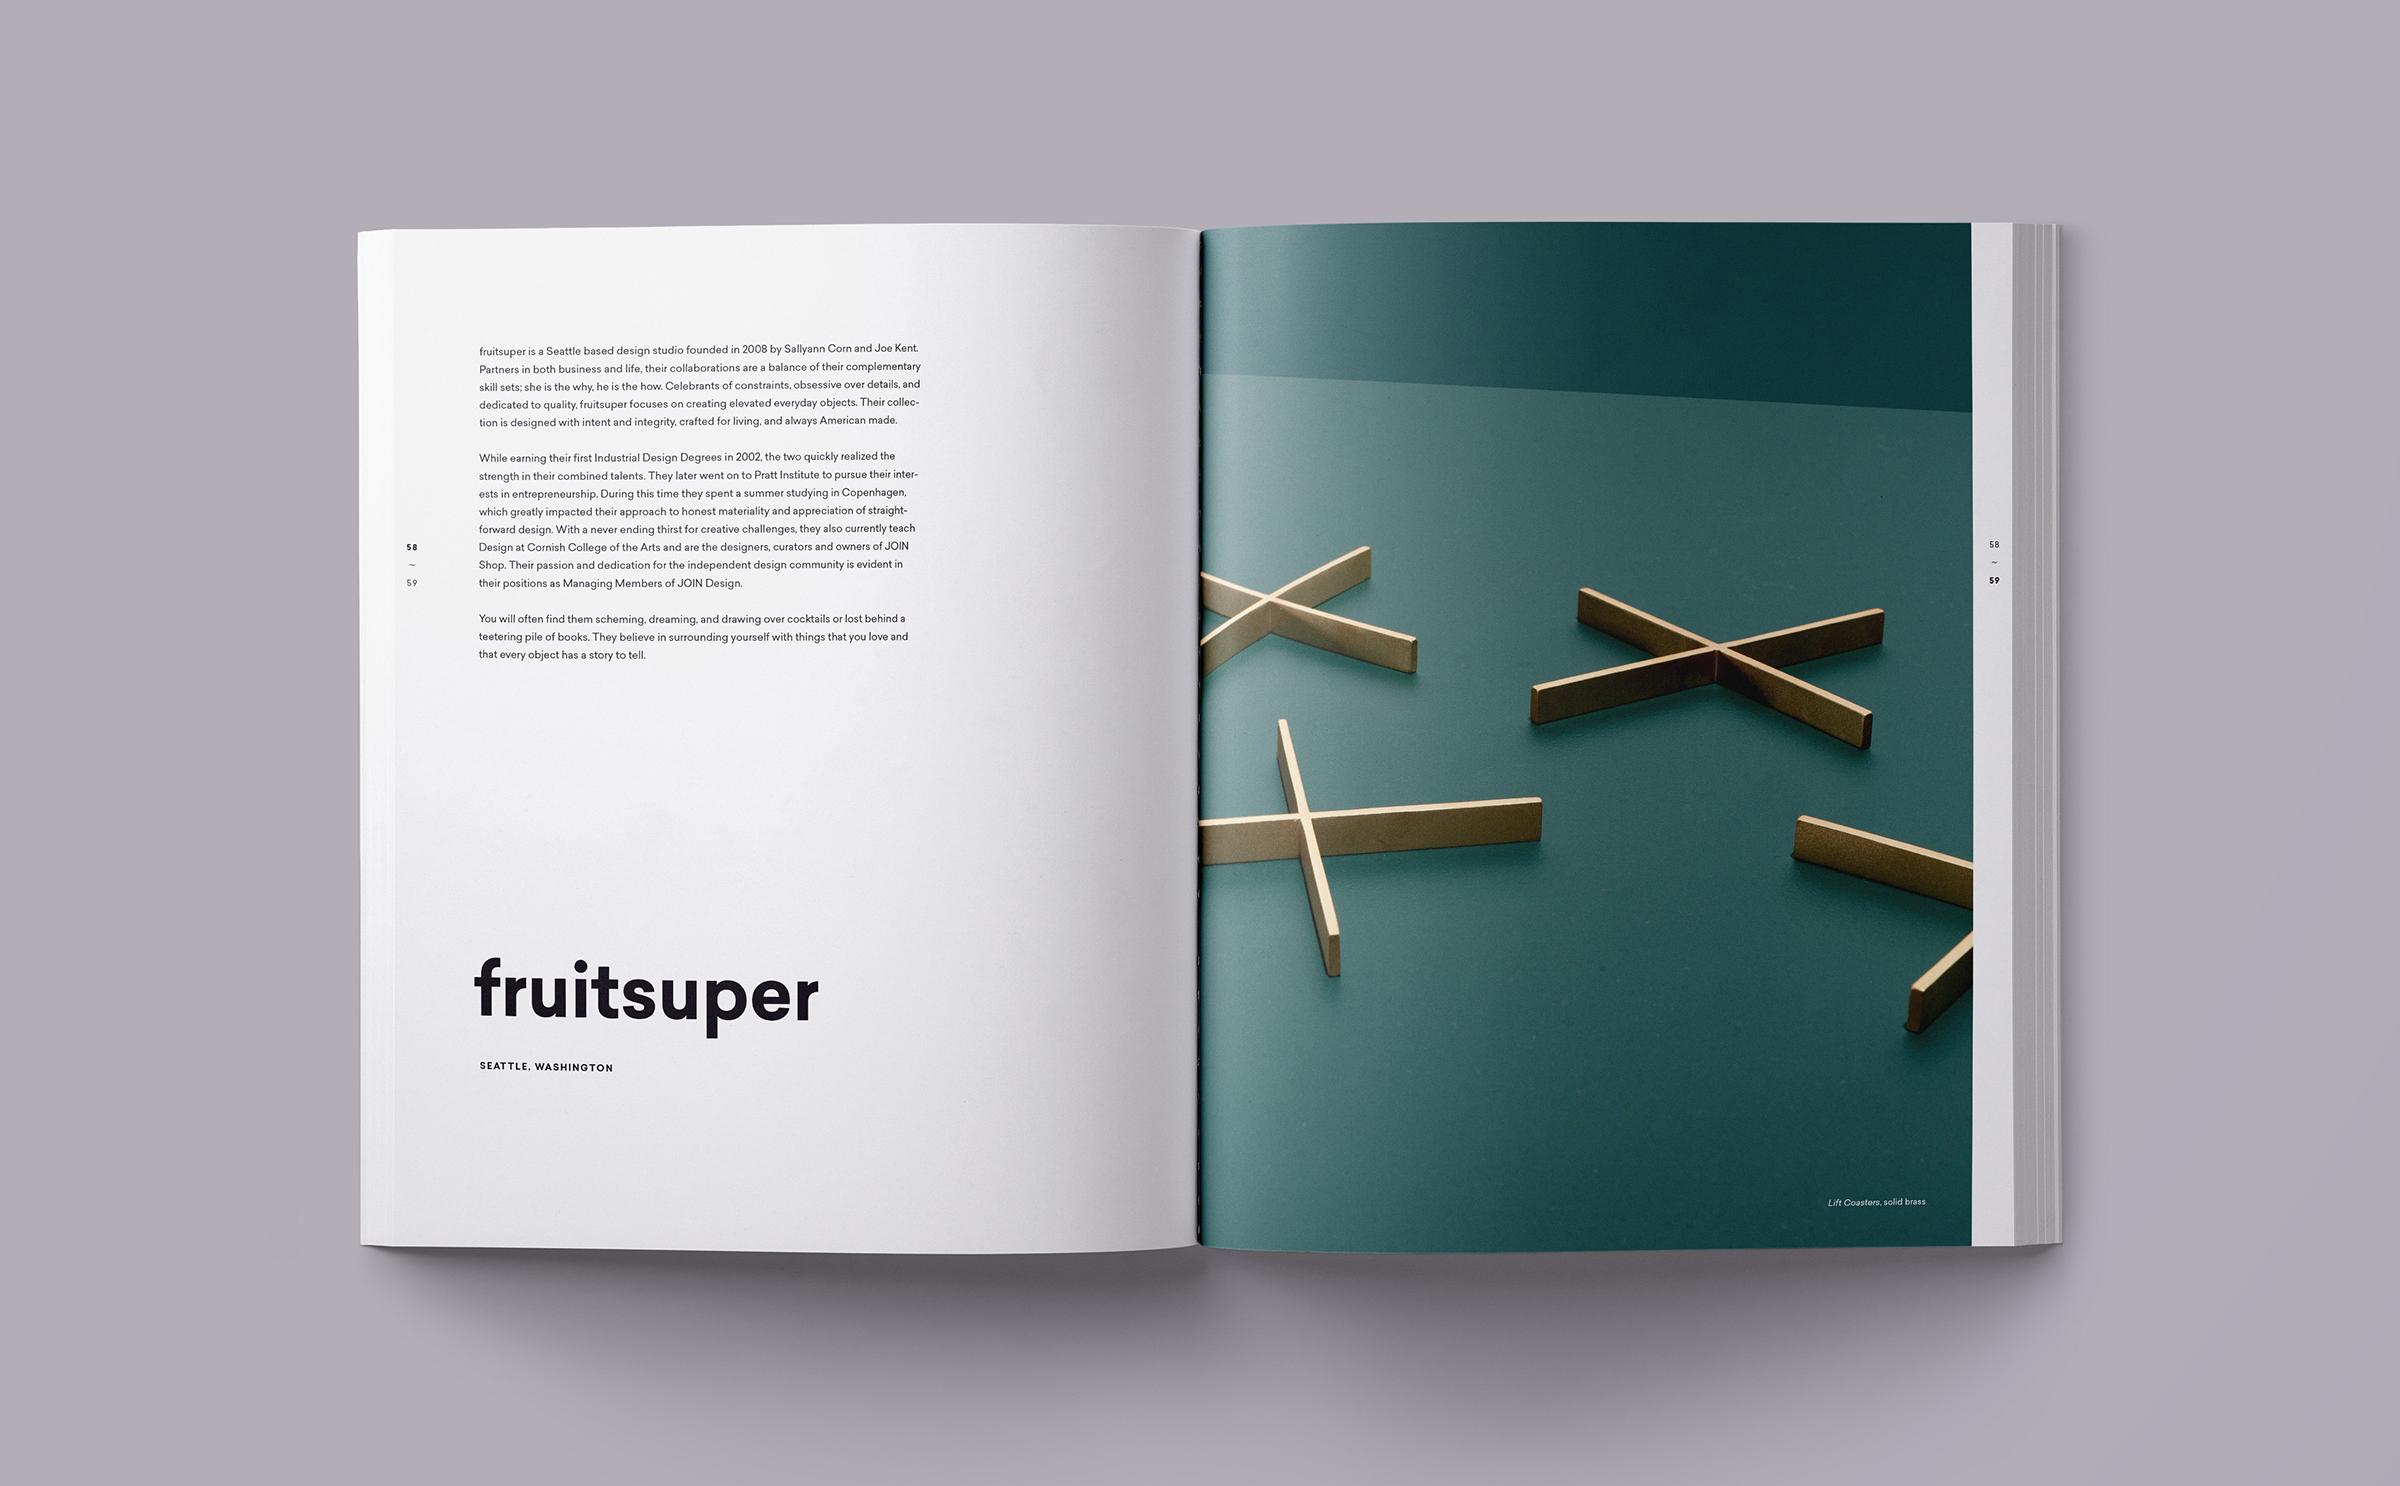 Currents_Pacific-Northwest-Design_IDS_book_daniel-zachrisson_1.jpg